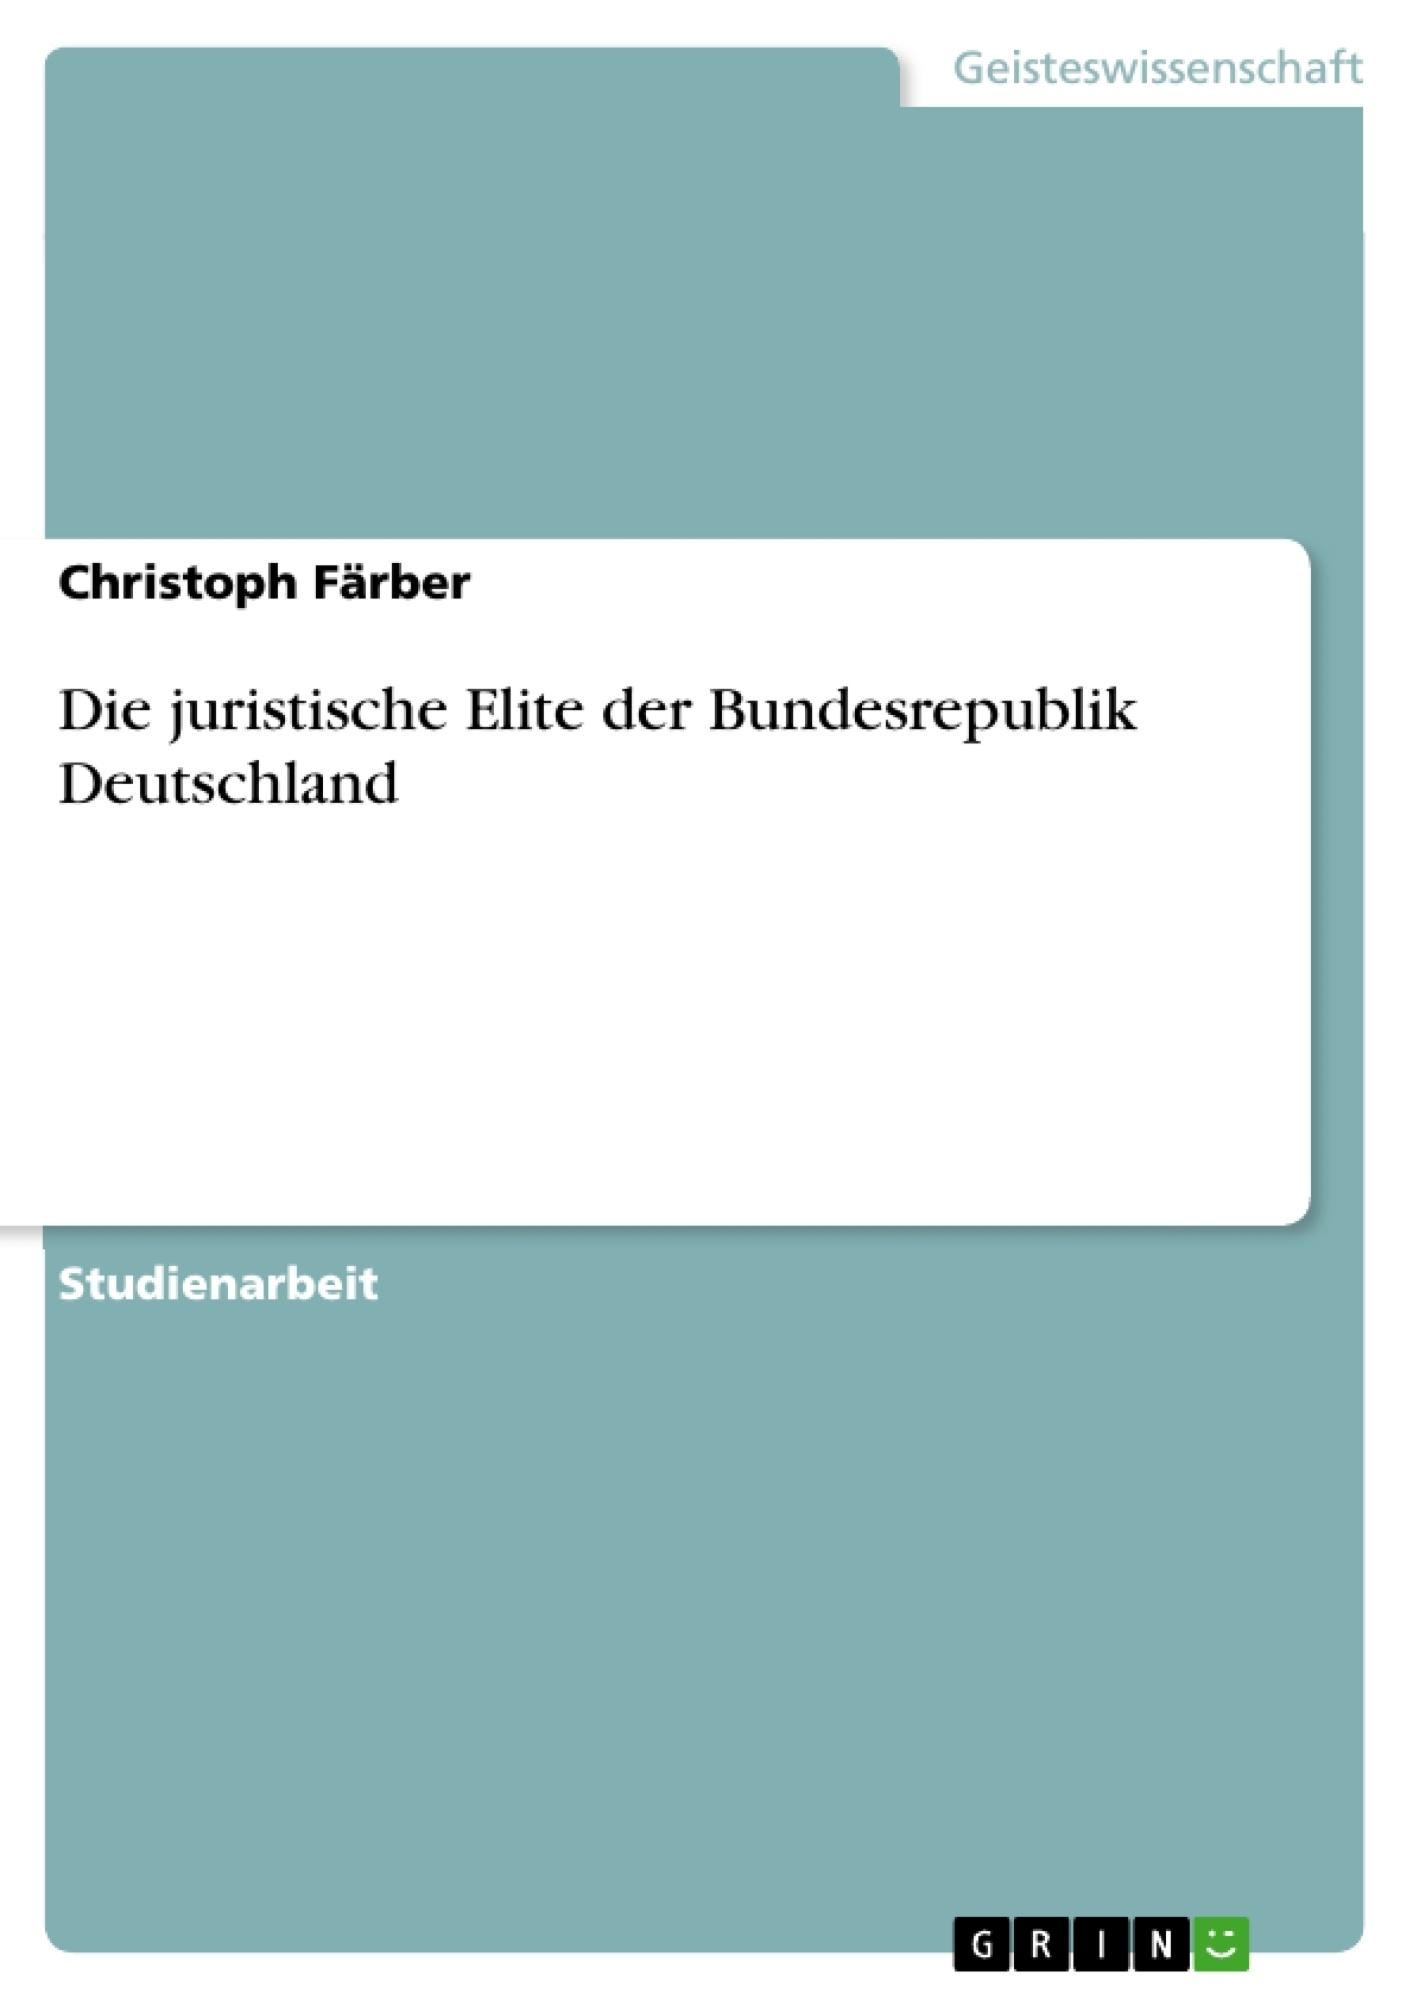 Titel: Die juristische Elite der Bundesrepublik Deutschland